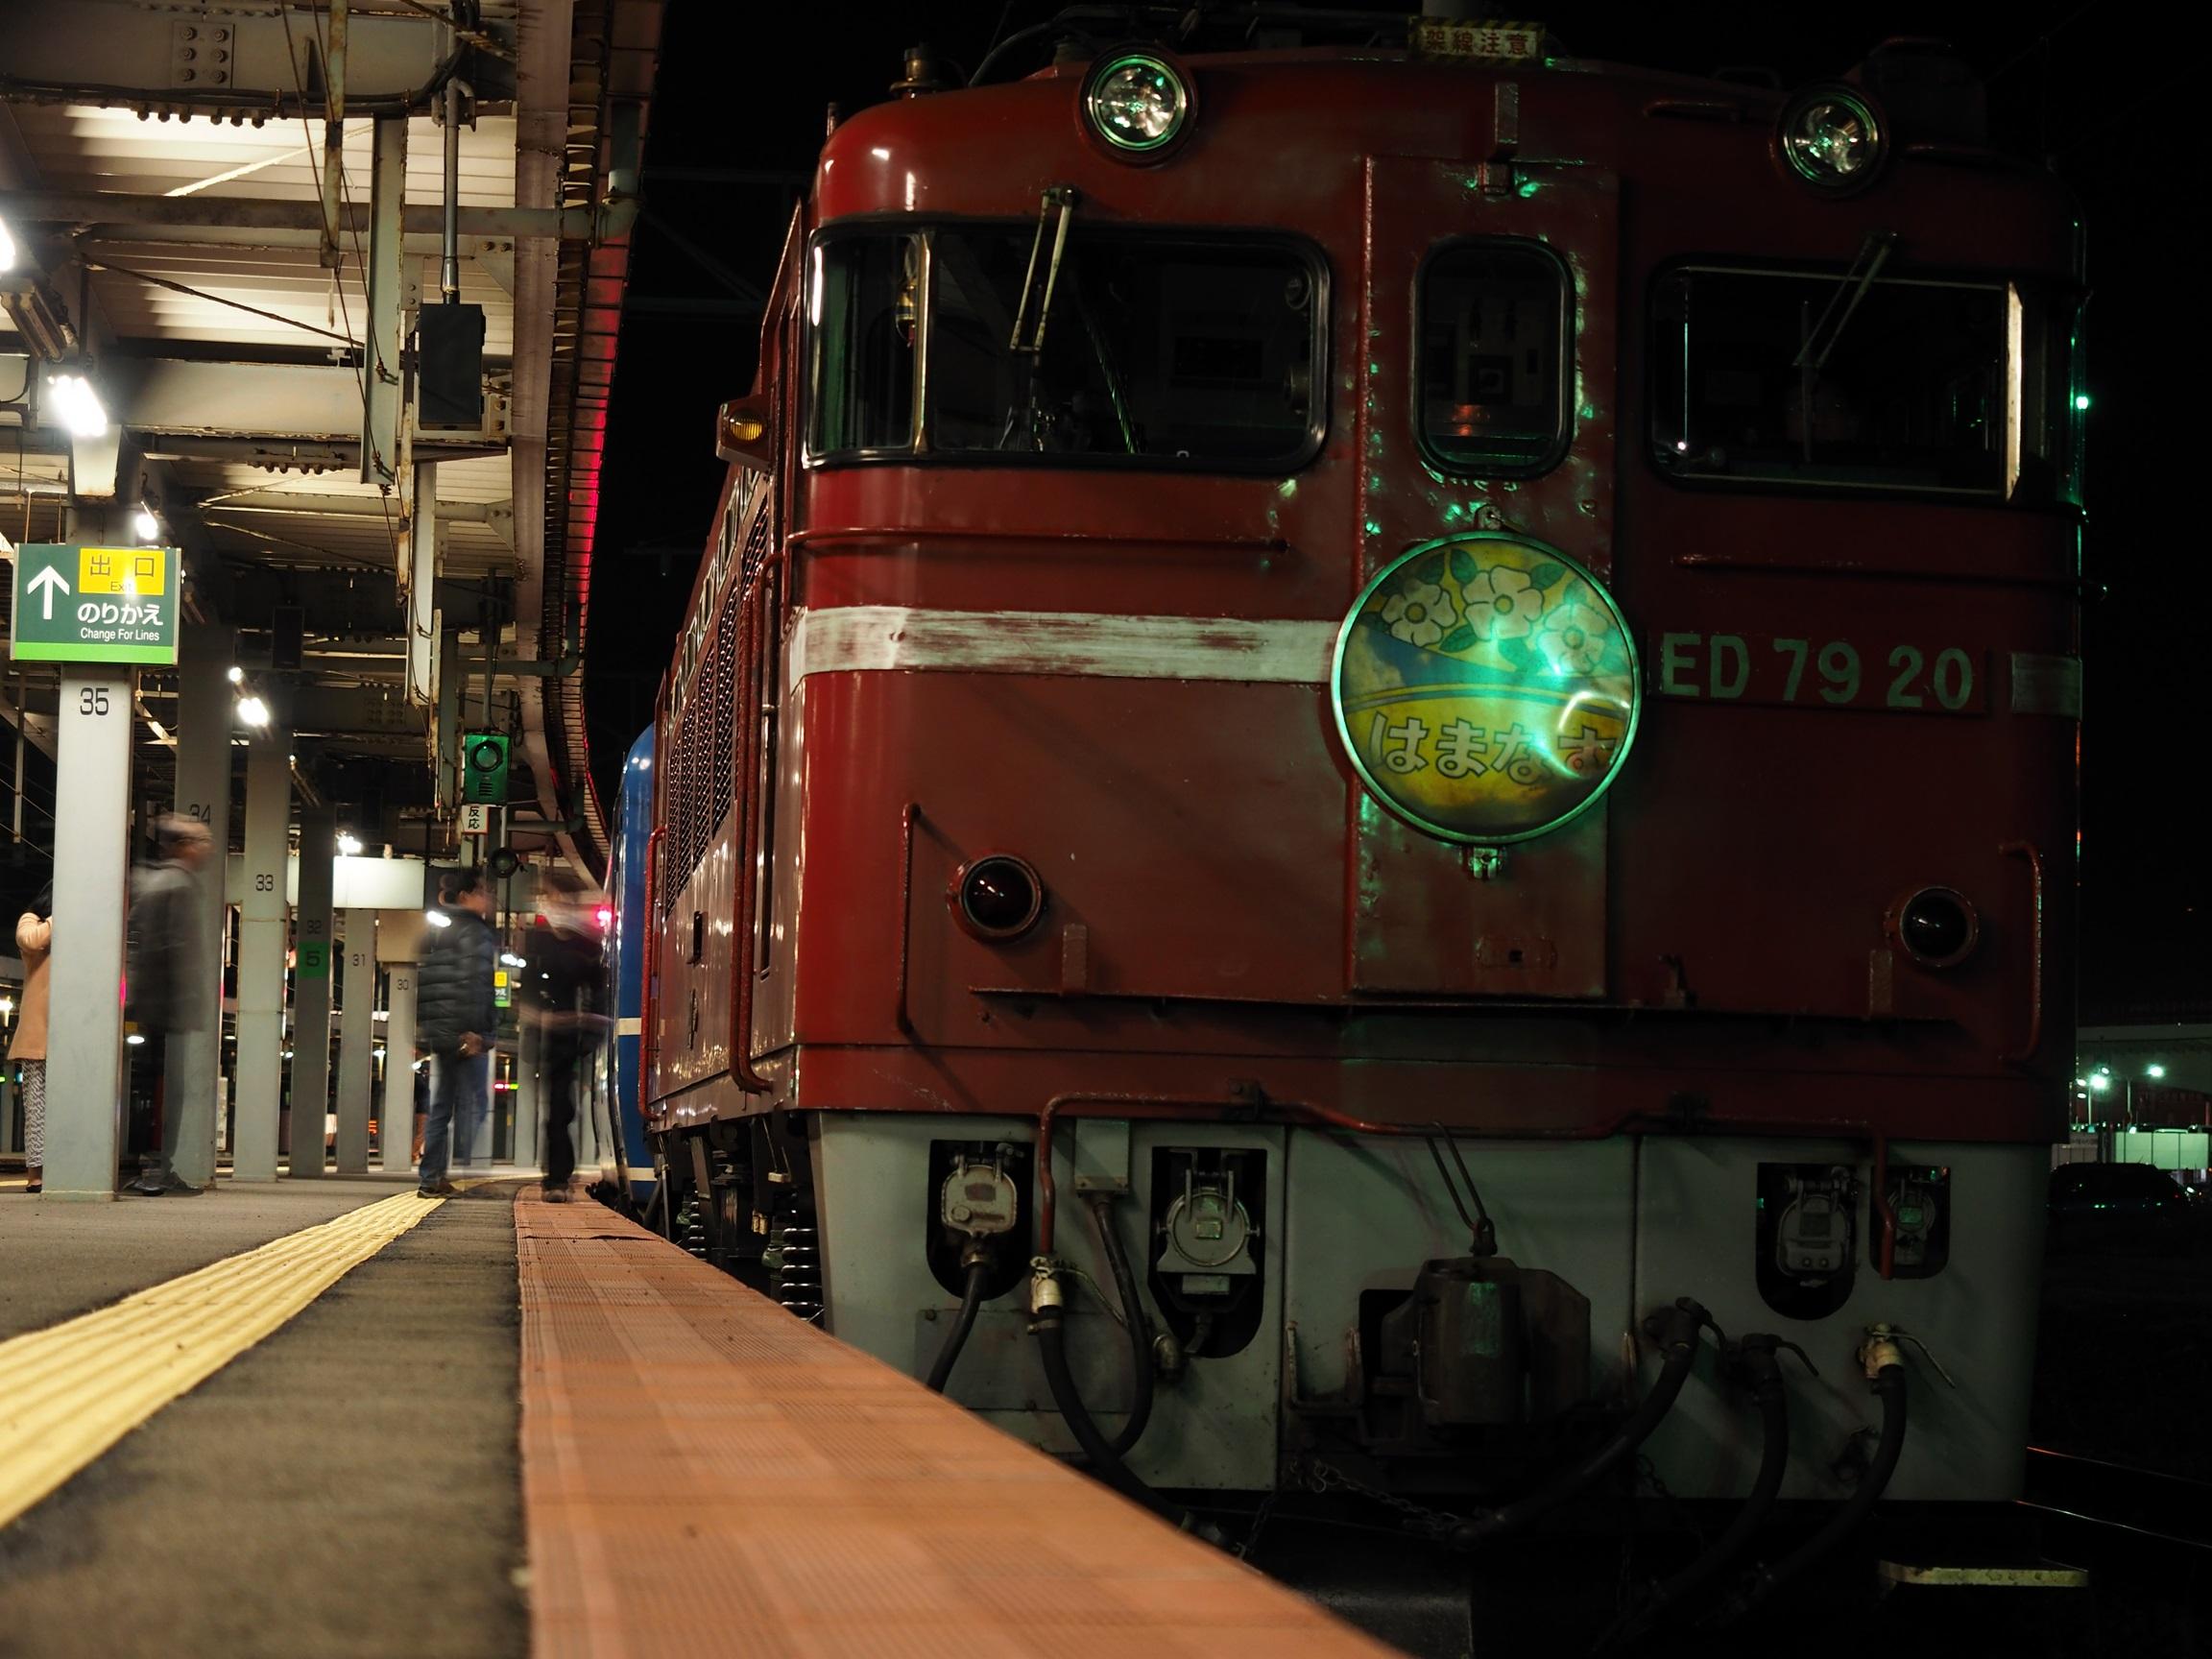 急行はまなす-函館駅2